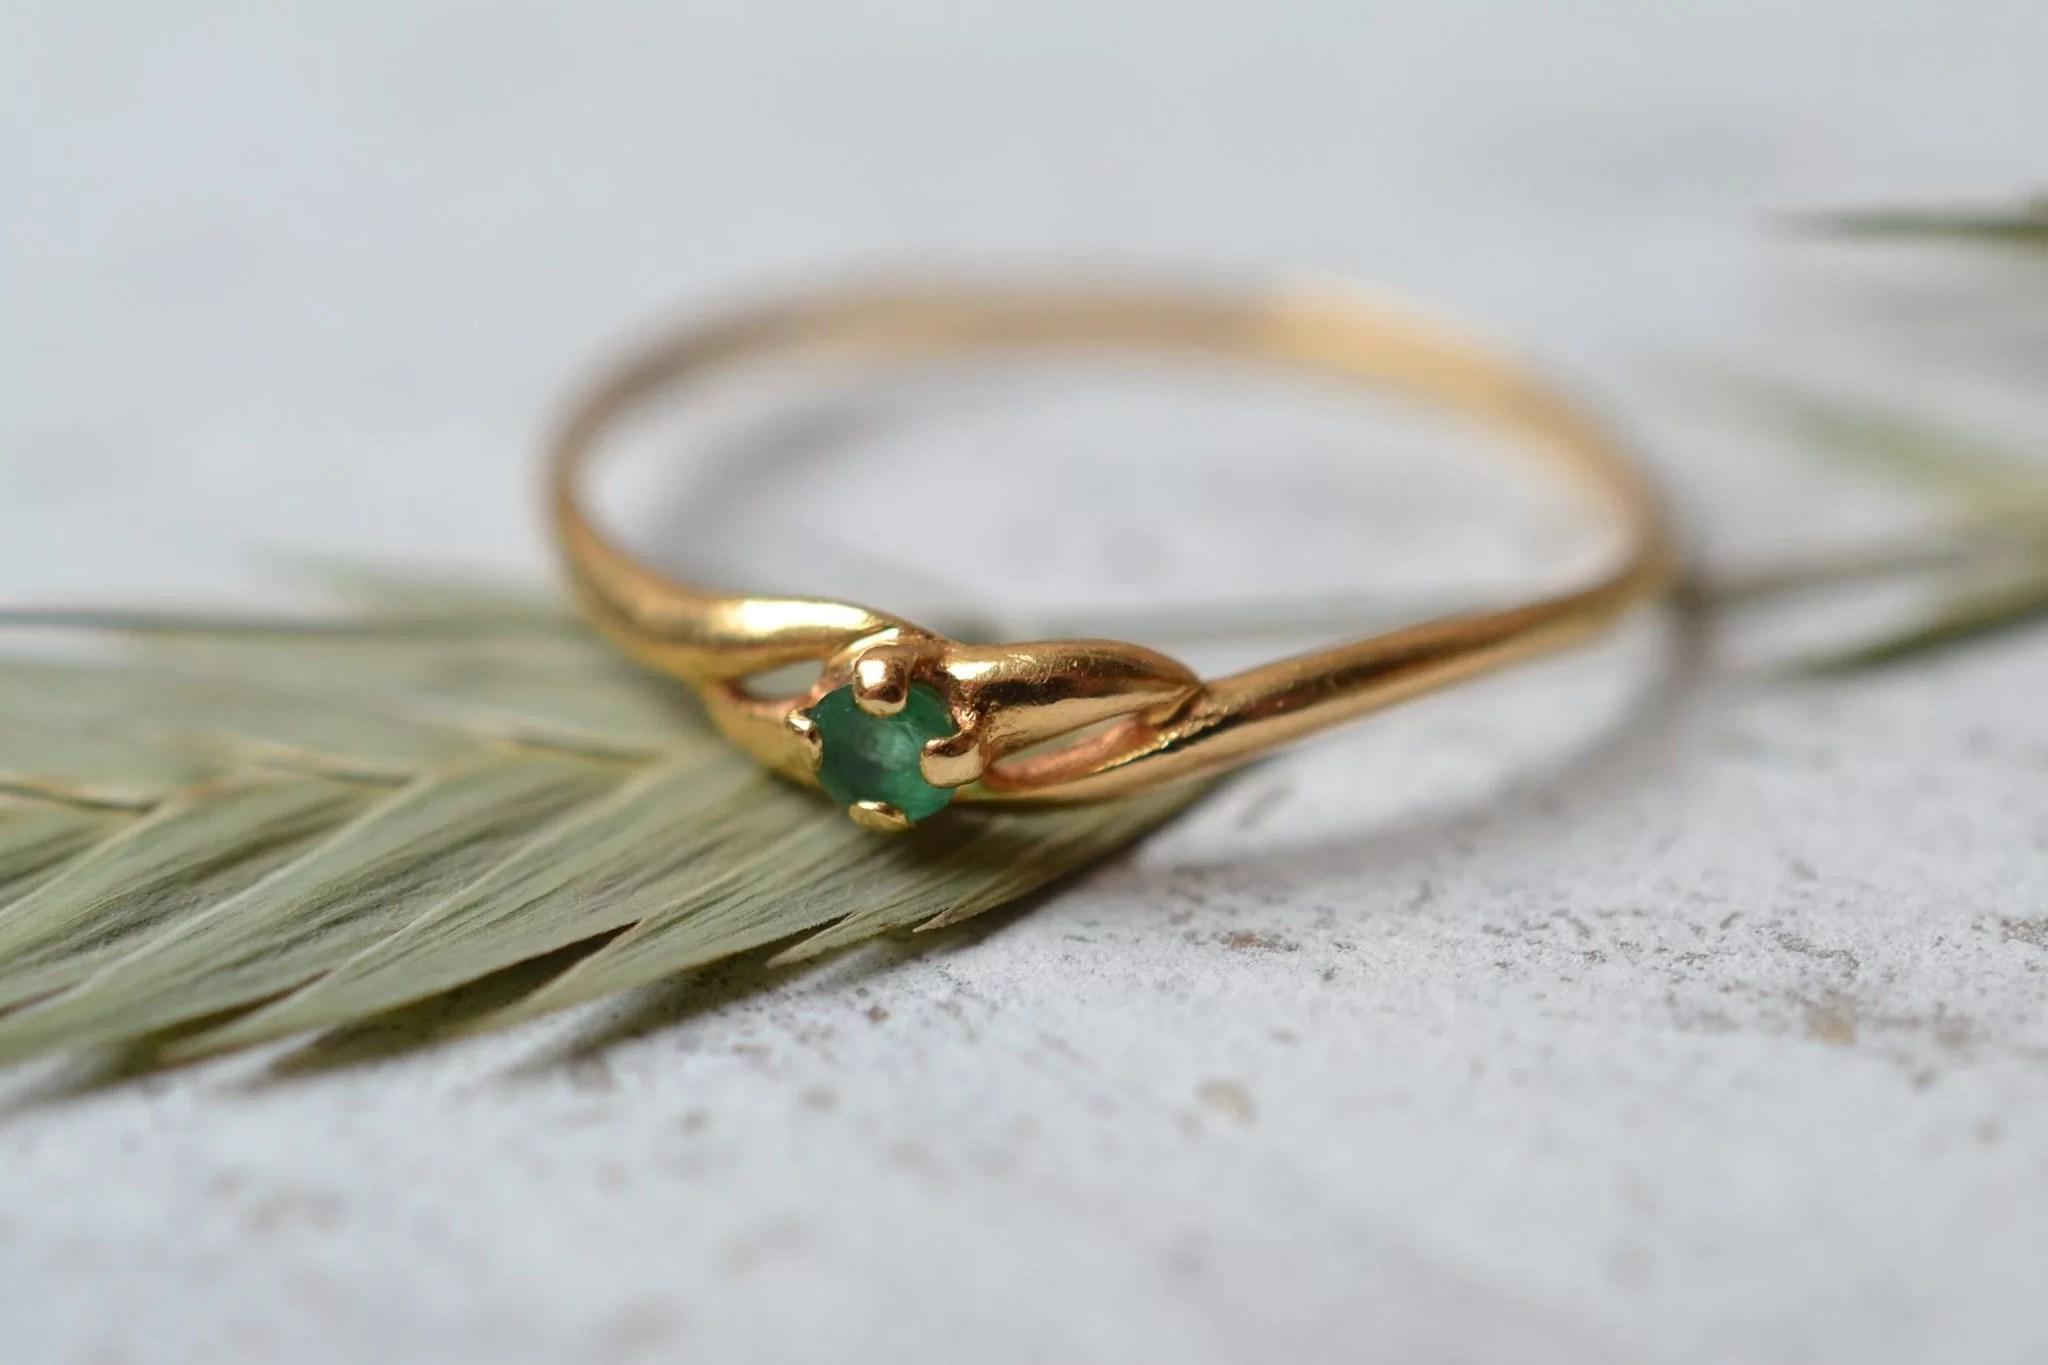 Bague en Or jaune sertie d_une petite pierre verte - bague éthique